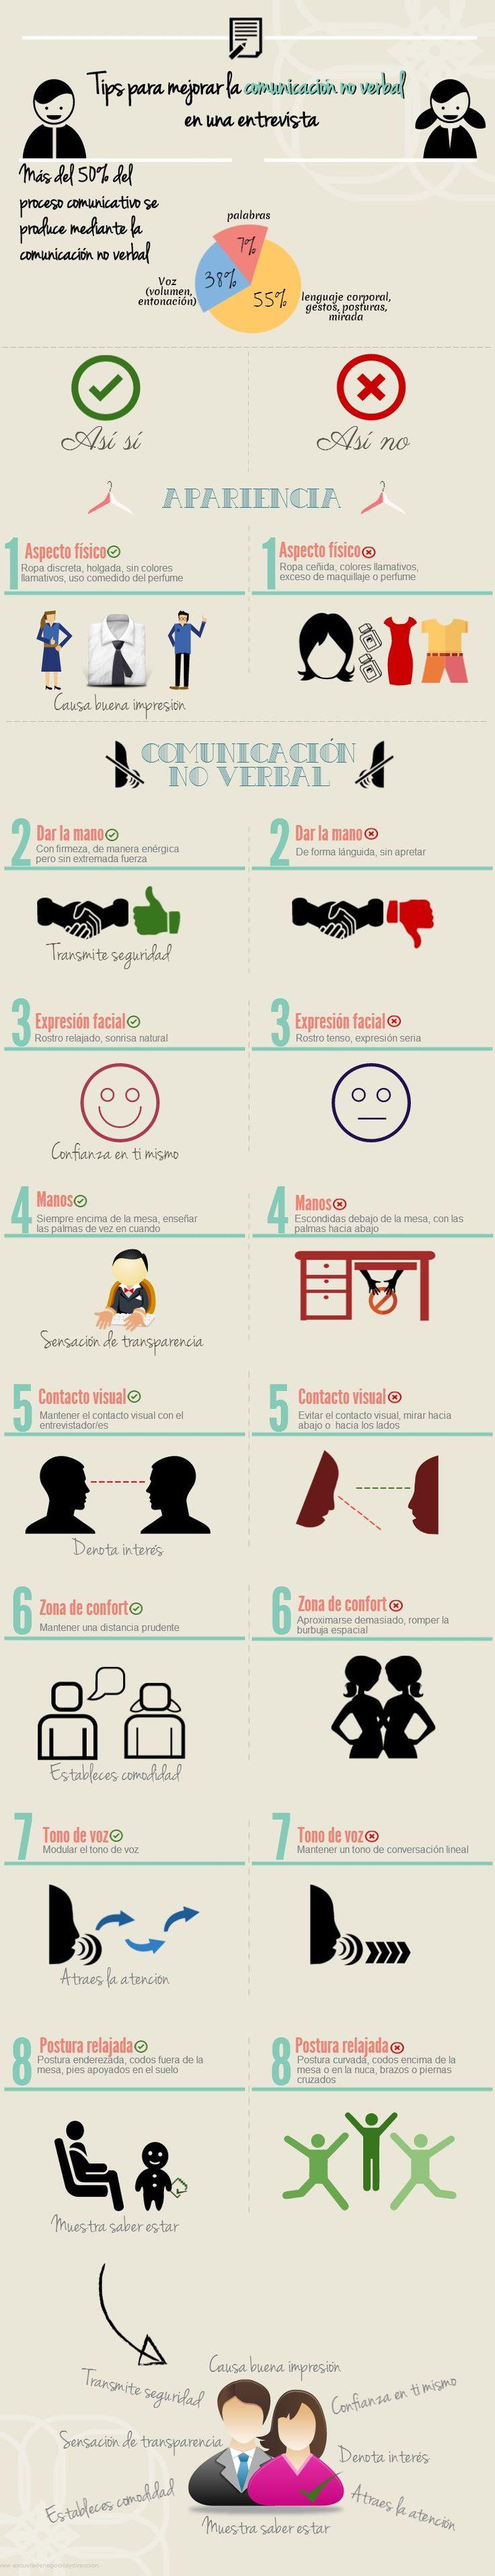 Mejorar tu comunicación no verbal en la entrevista de trabajo Vía @EscueladeNyD #infografia #infographic #marketing